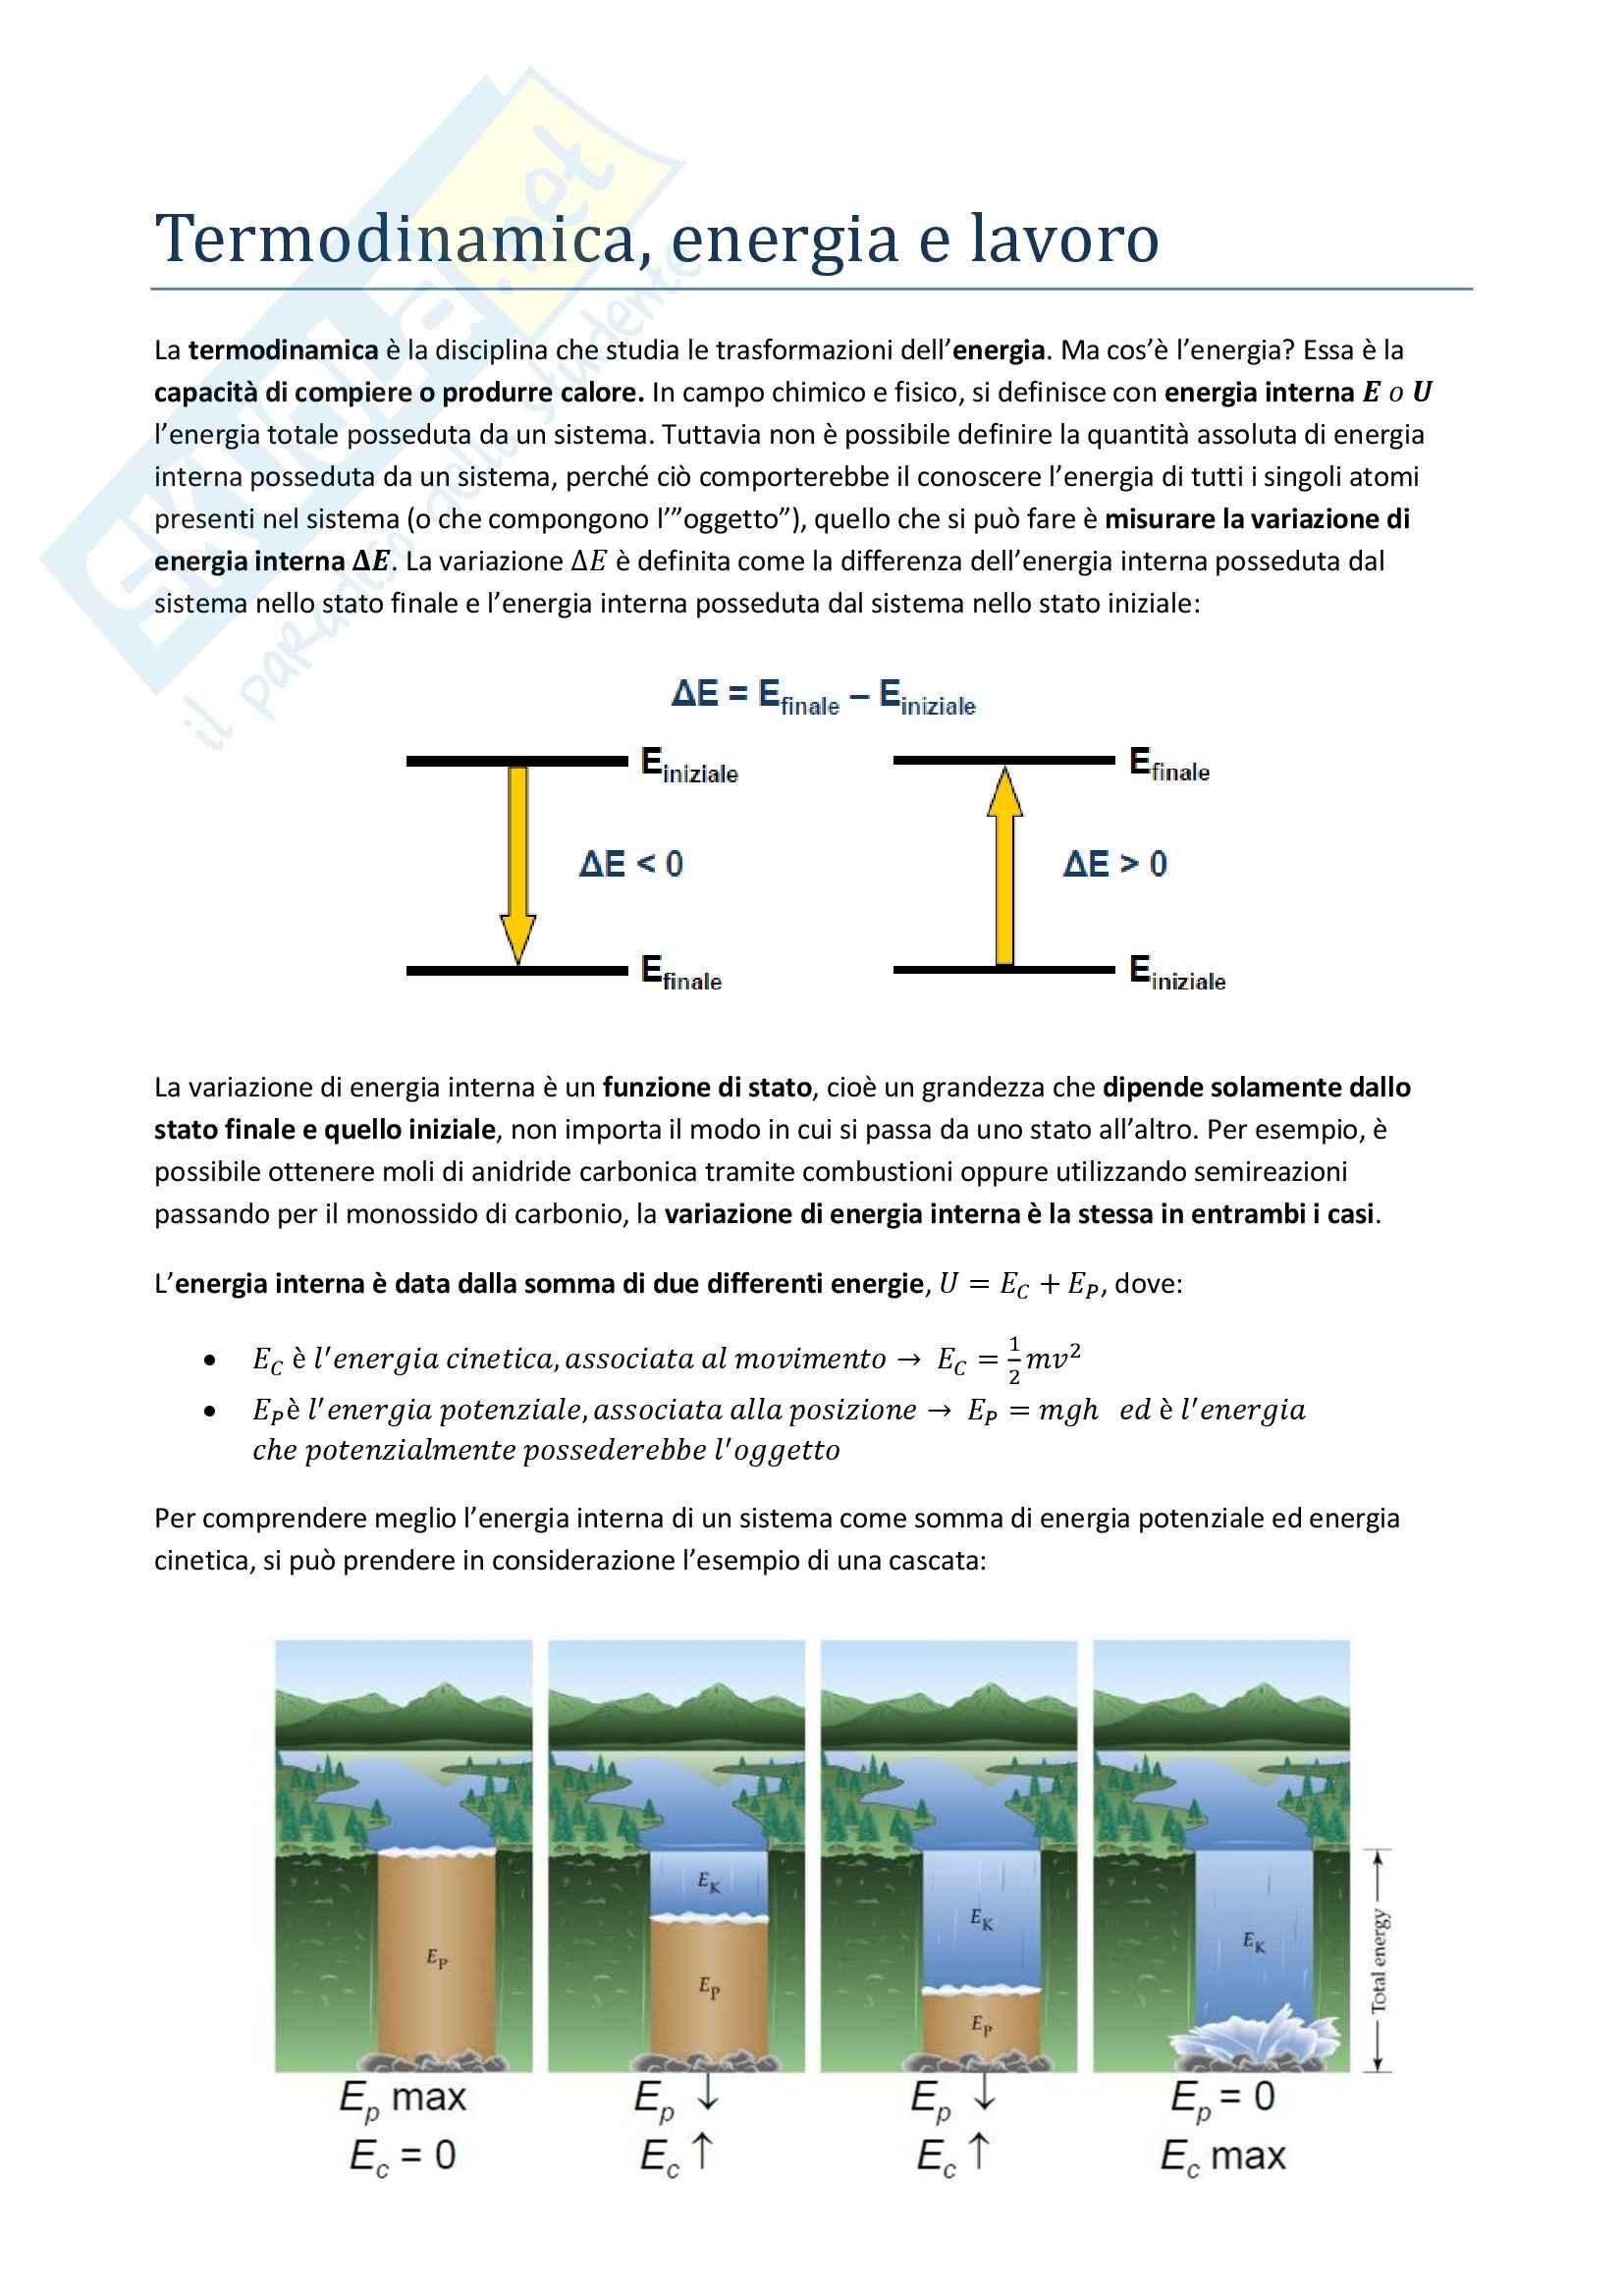 Chimica generale - Termodinamica, energia e lavoro